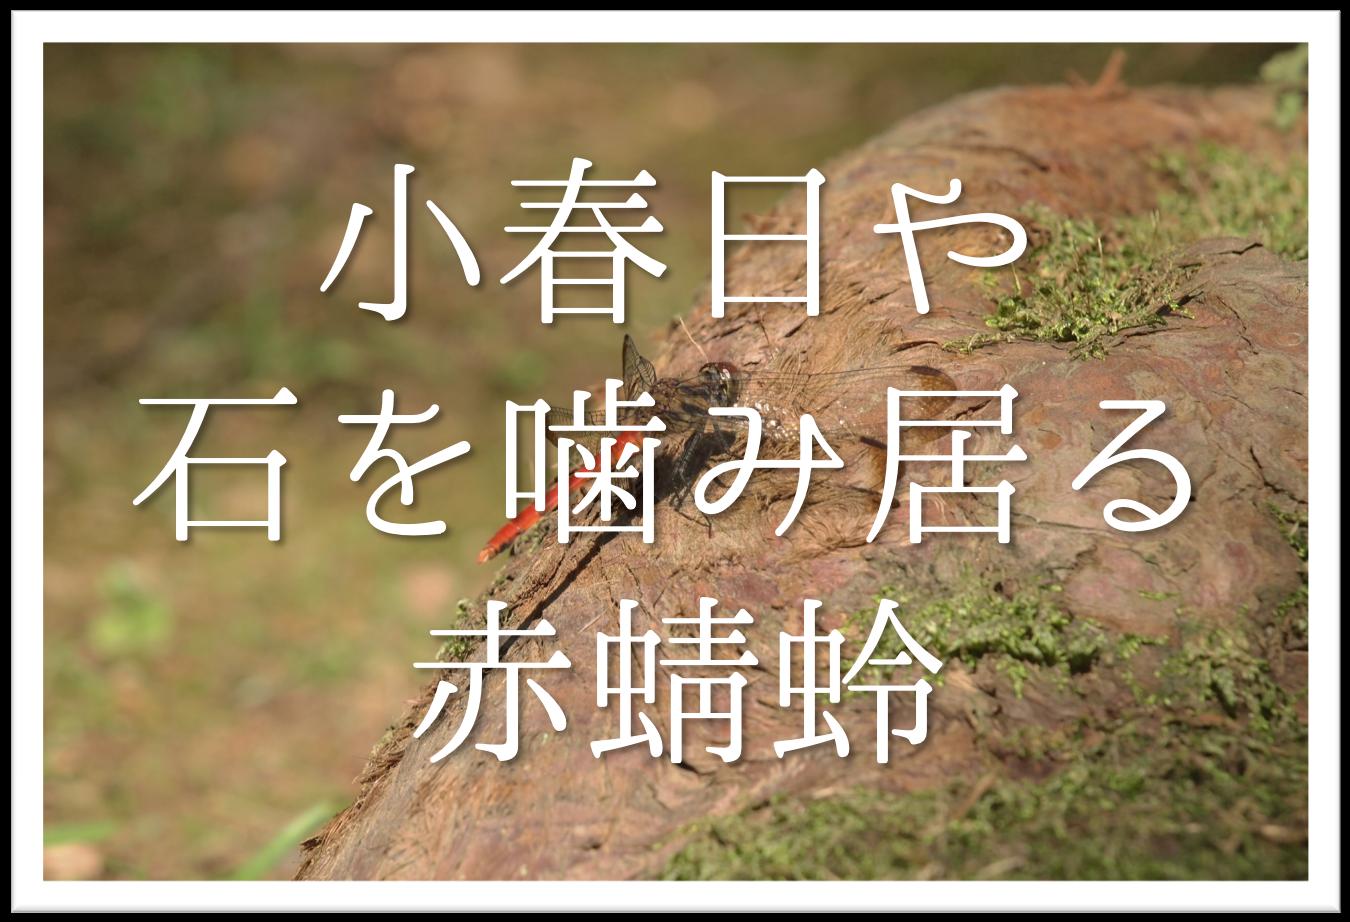 【小春日や石を噛み居る赤蜻蛉】俳句の季語や意味・表現技法・鑑賞など徹底解説!!